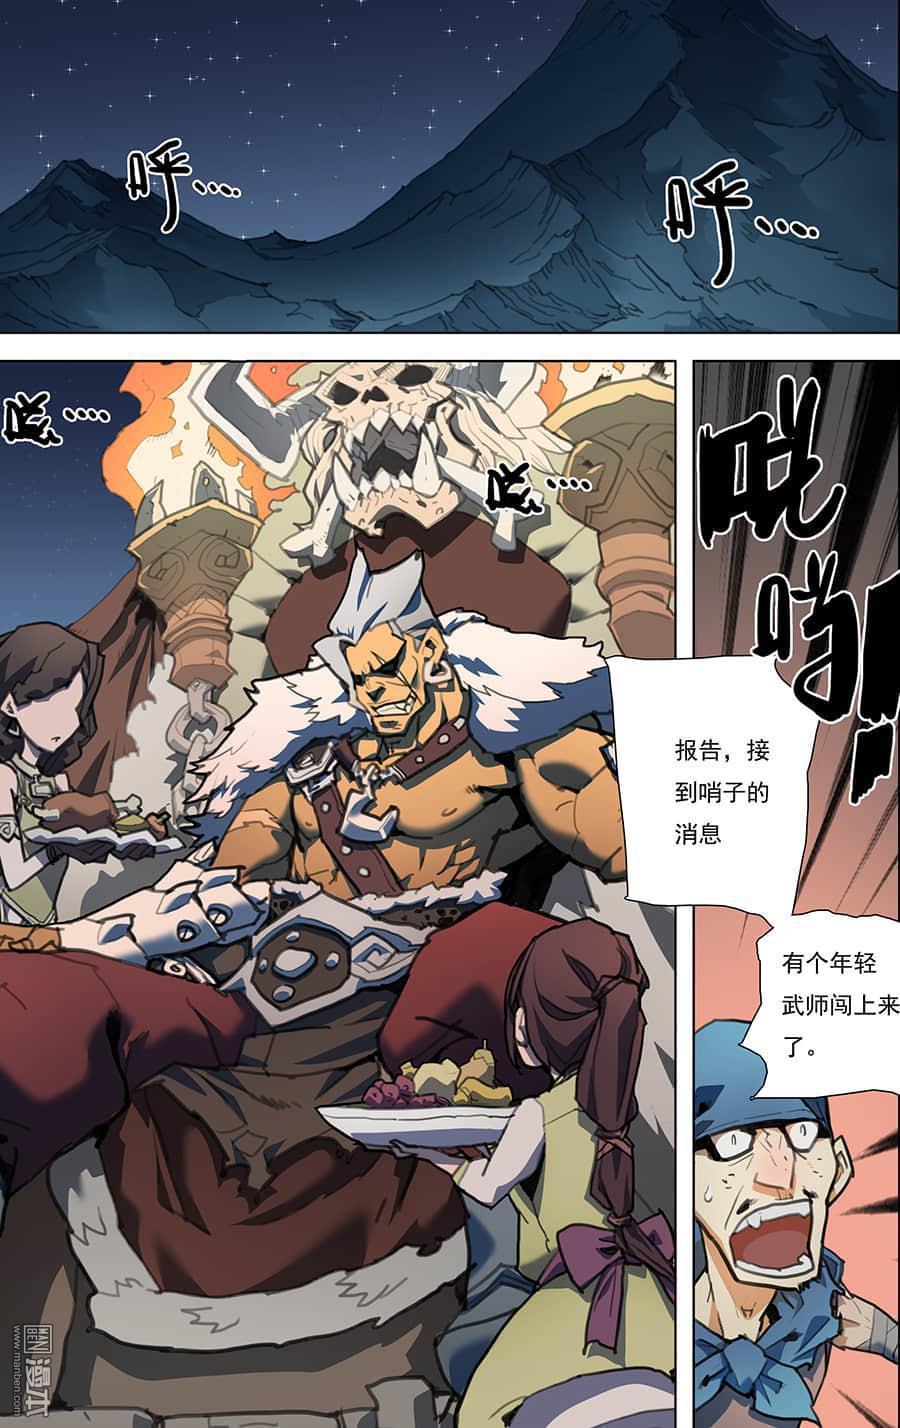 雪鹰领主漫画3话在线免费观看